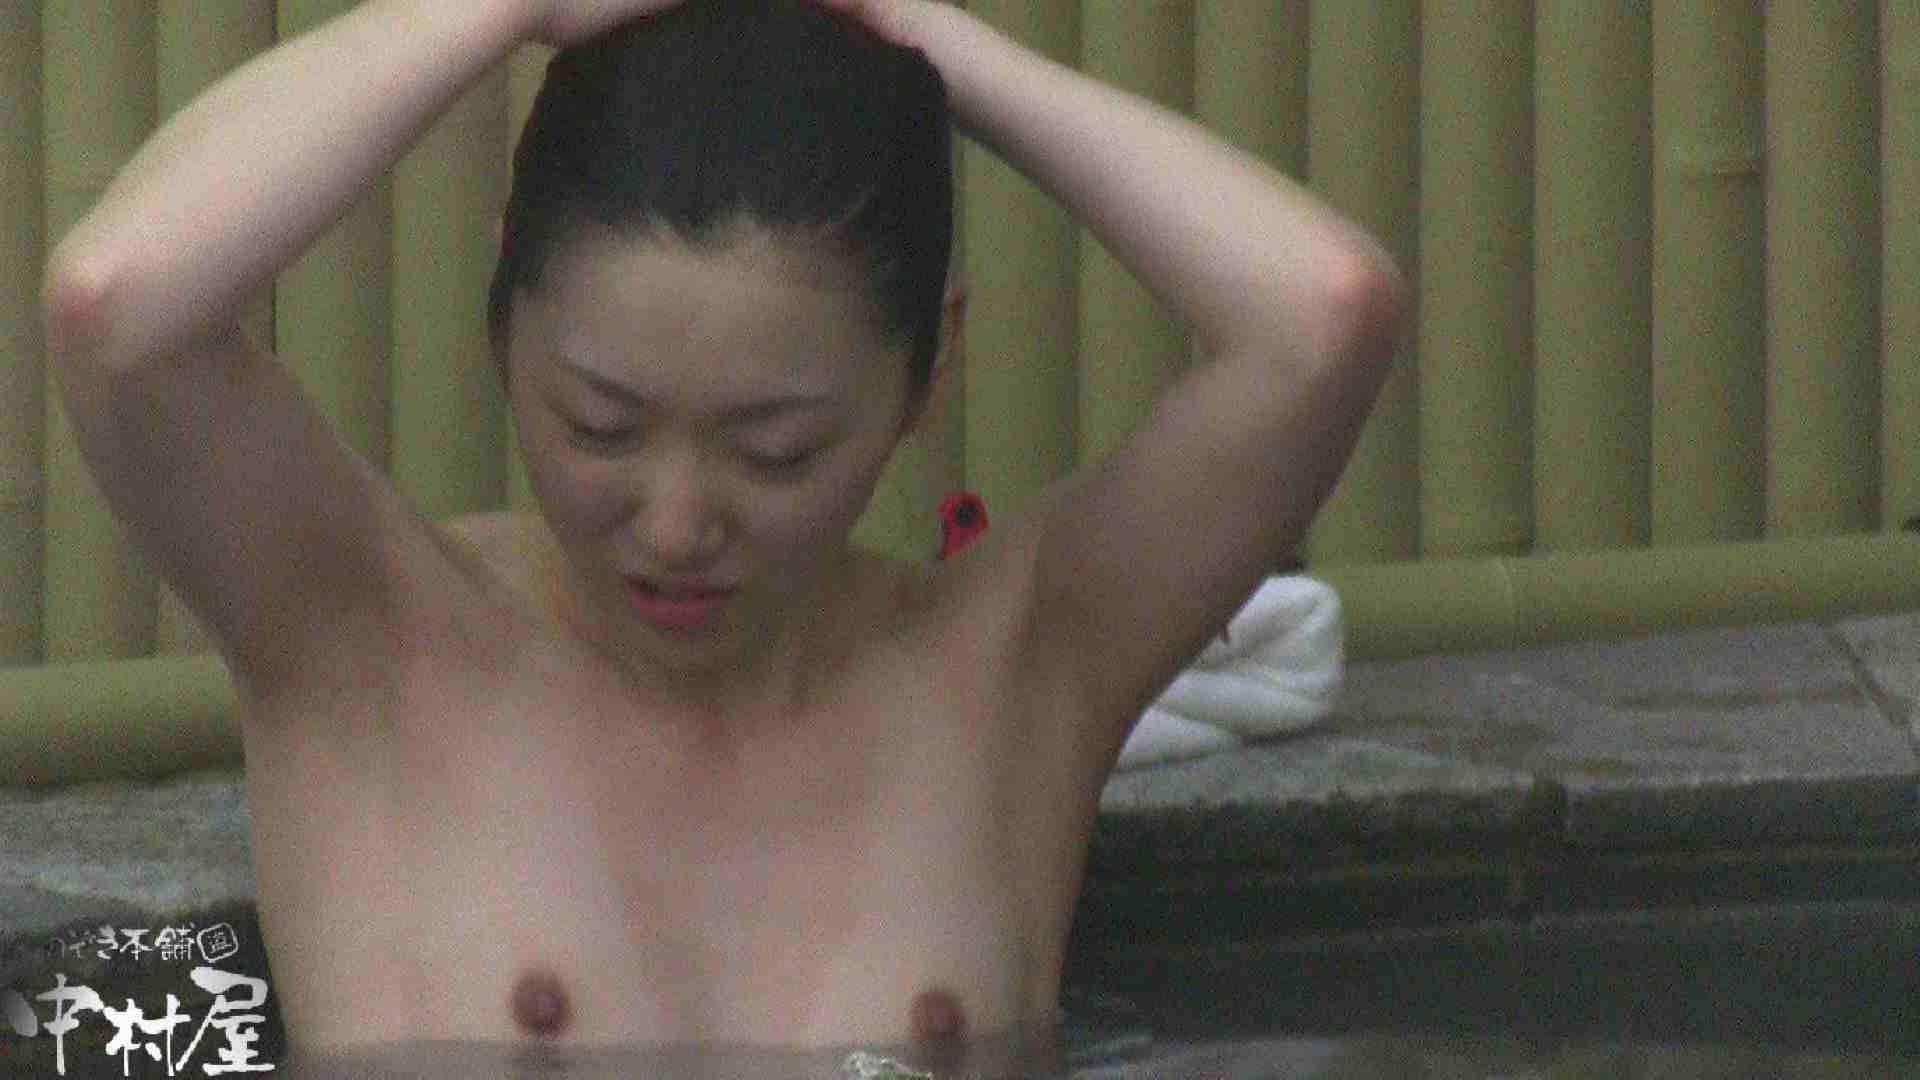 Aquaな露天風呂Vol.917 盗撮シリーズ  108PIX 66